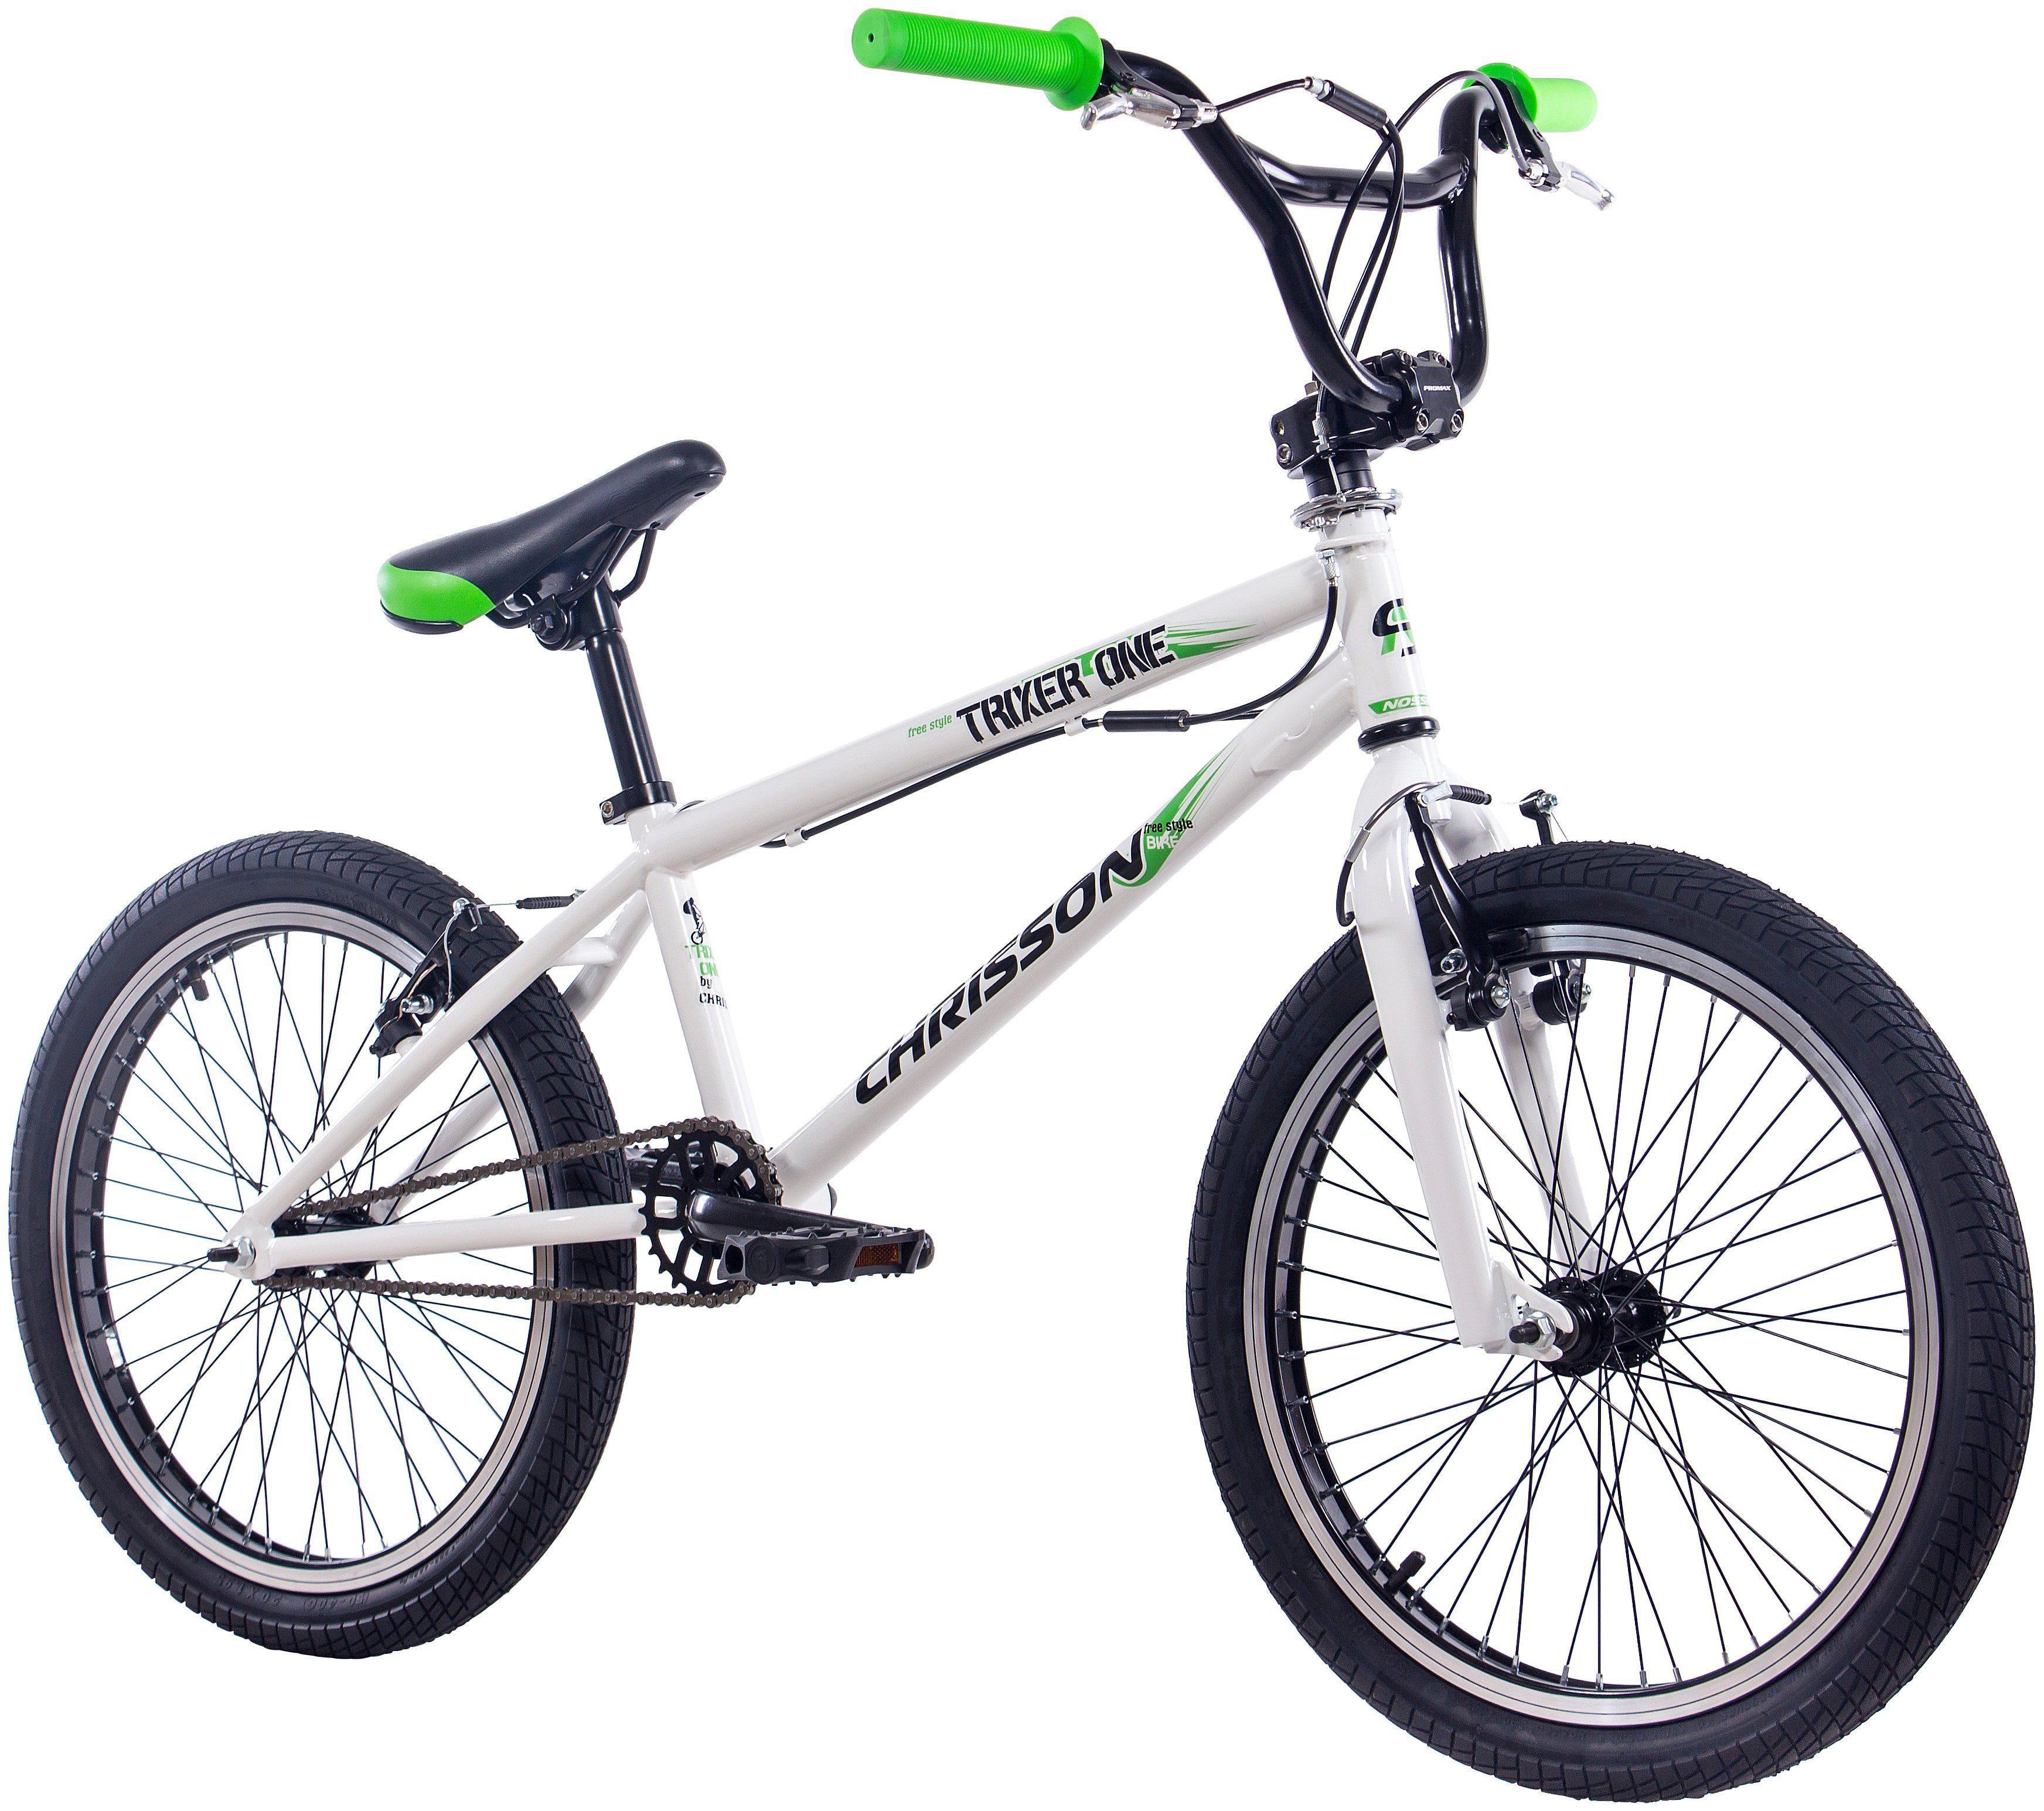 BMX »CHRISSON BMX TRIXER ONE«, 20 Zoll, 1 Gang, V-Bremsen